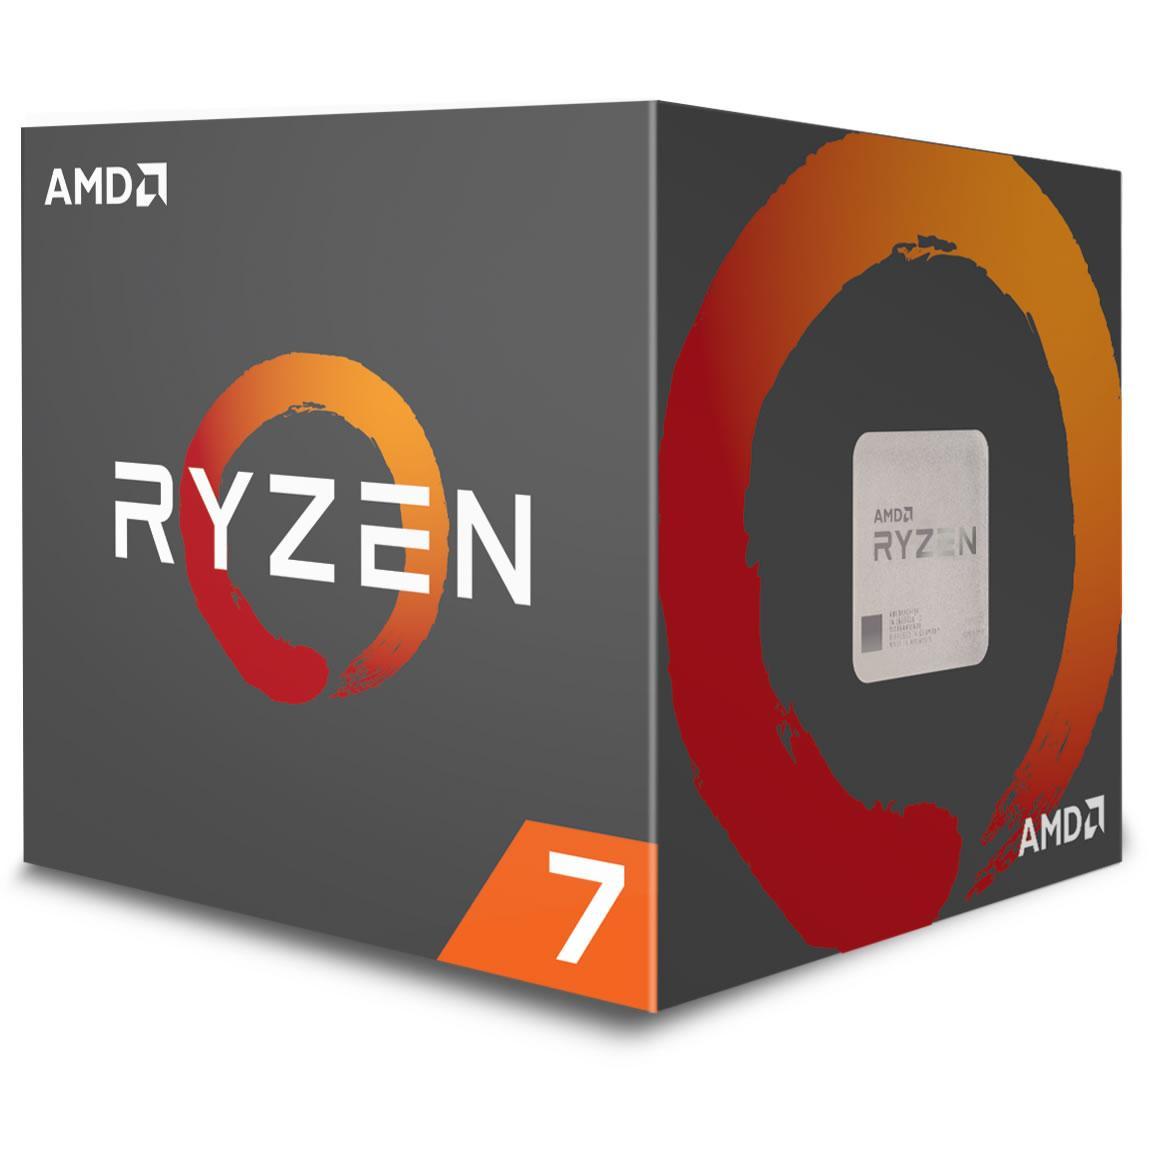 AMD Ryzen 7 1700X 3.4GHz 8-Core